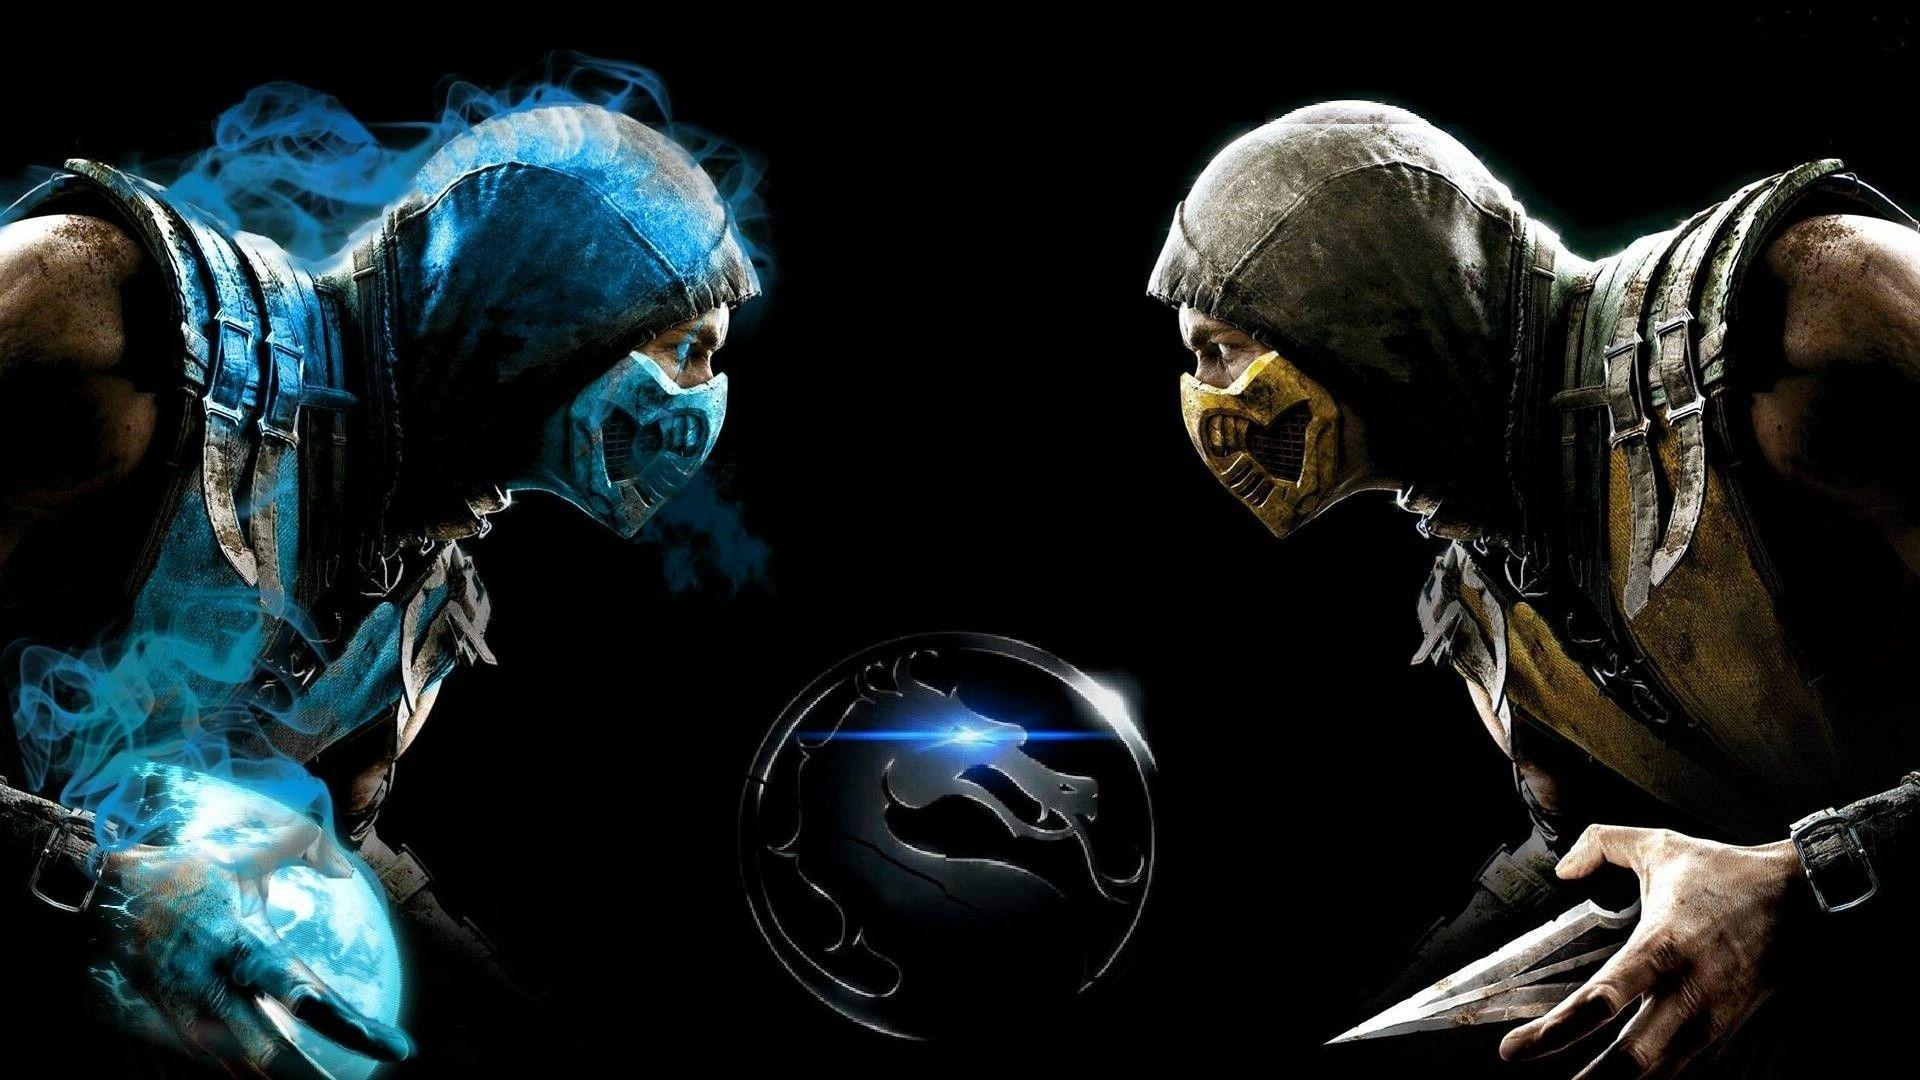 Mortal Kombat Xl Hd Wallpapers Theme Mortal Kombat X Mortal